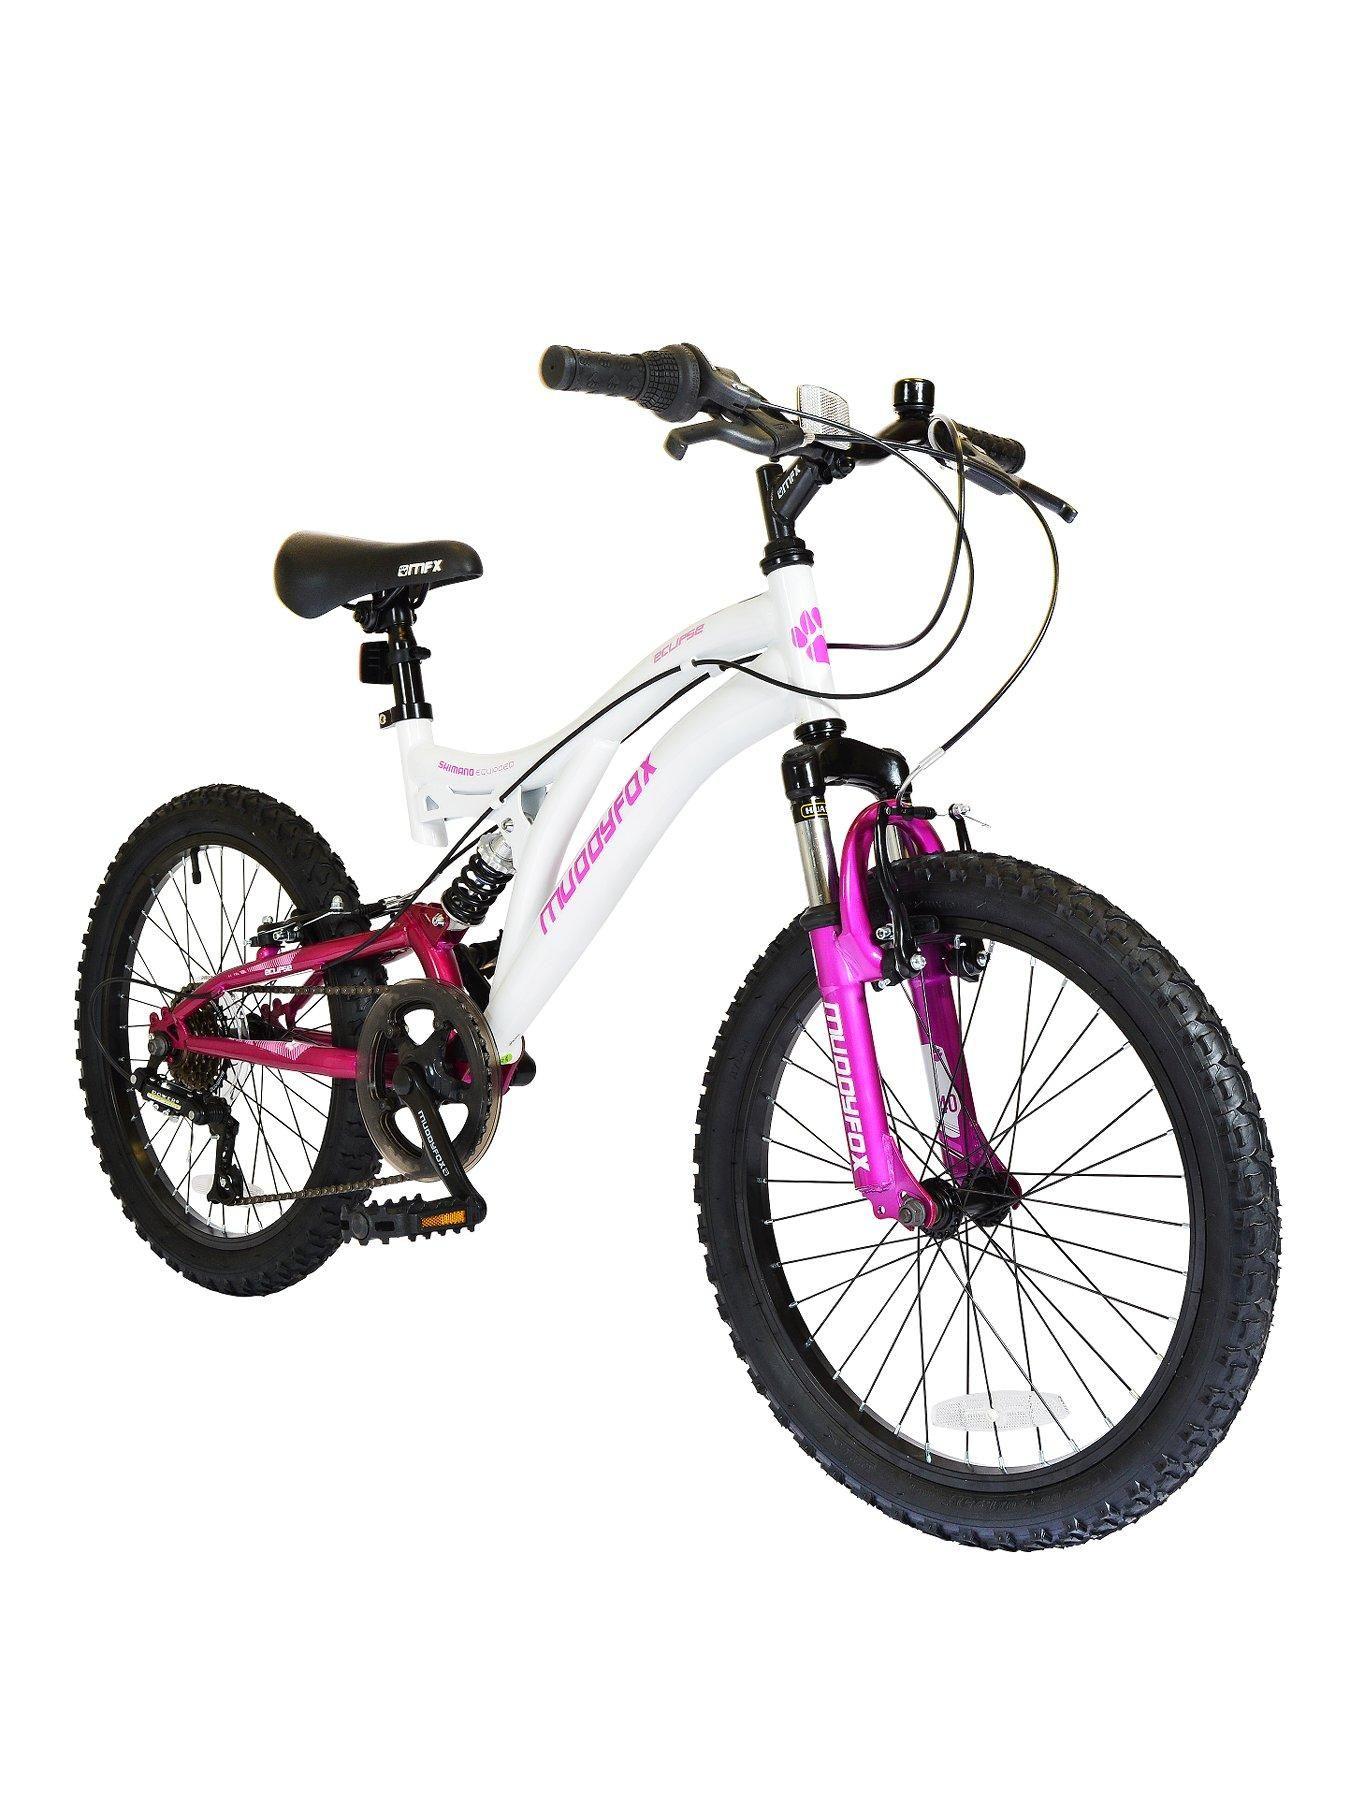 Muddyfox Eclipse 20 Inch Girls Bike Dual Suspension White Pink